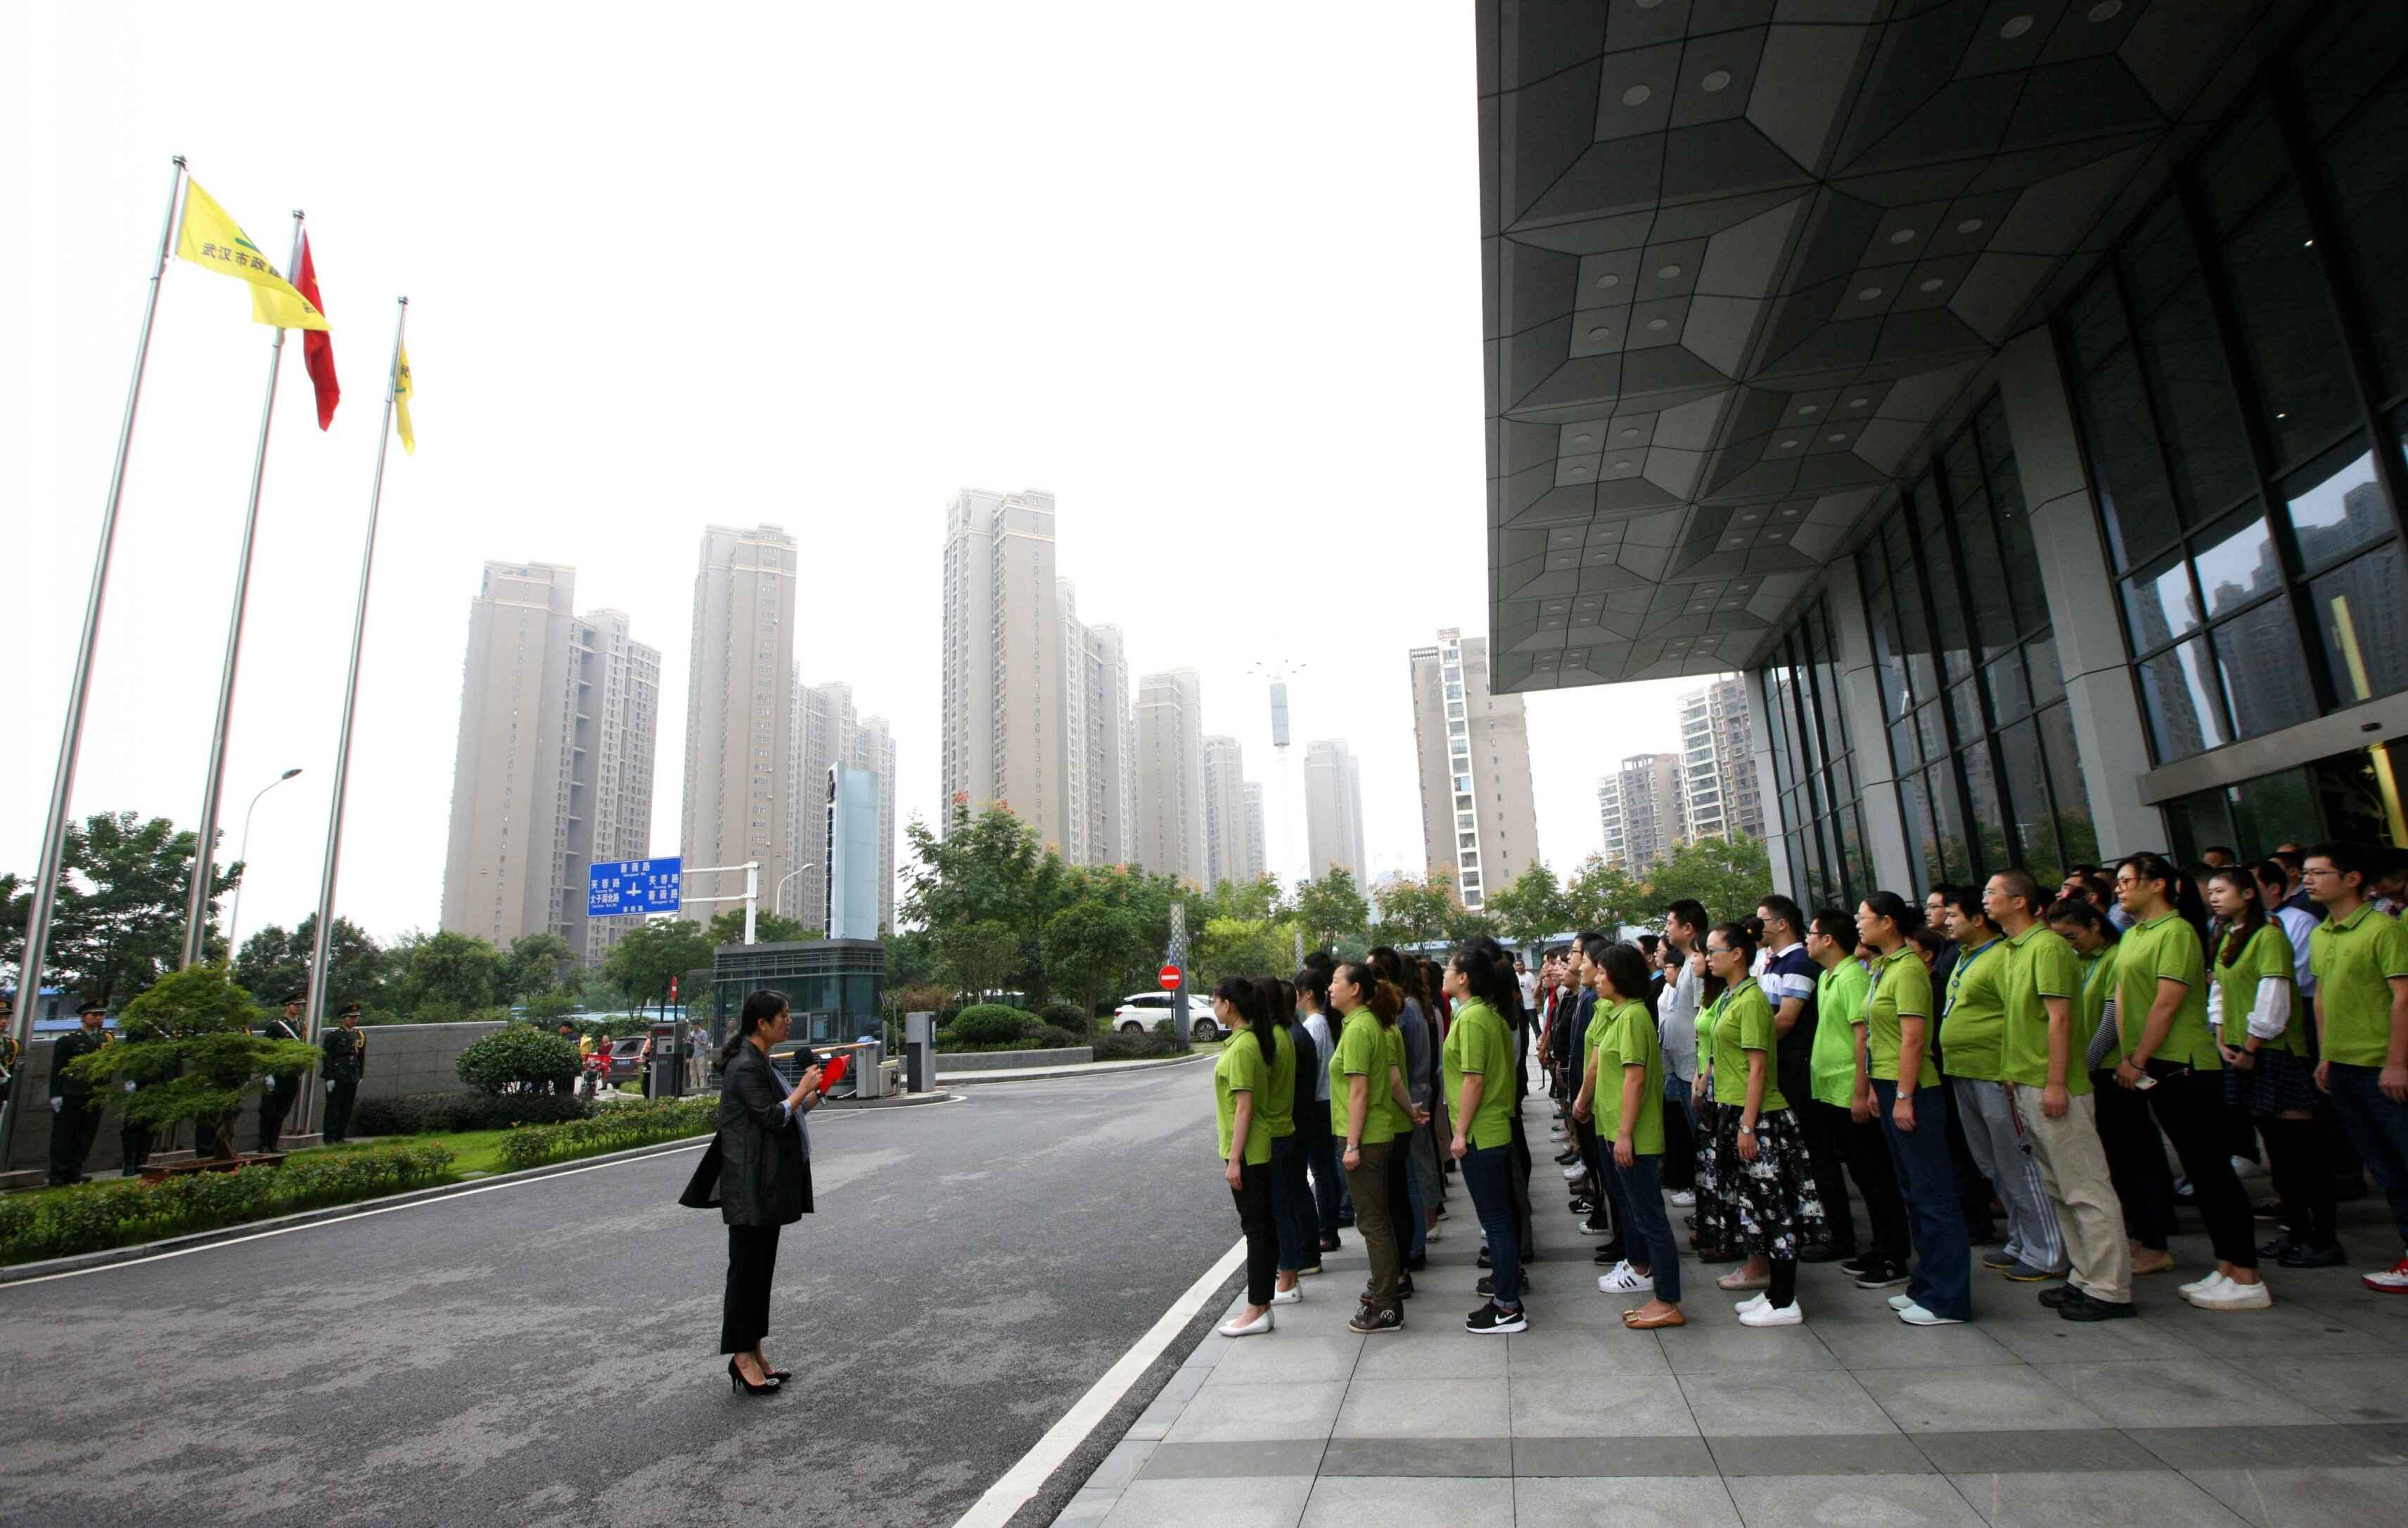 市政集团组织升旗仪式3.jpg